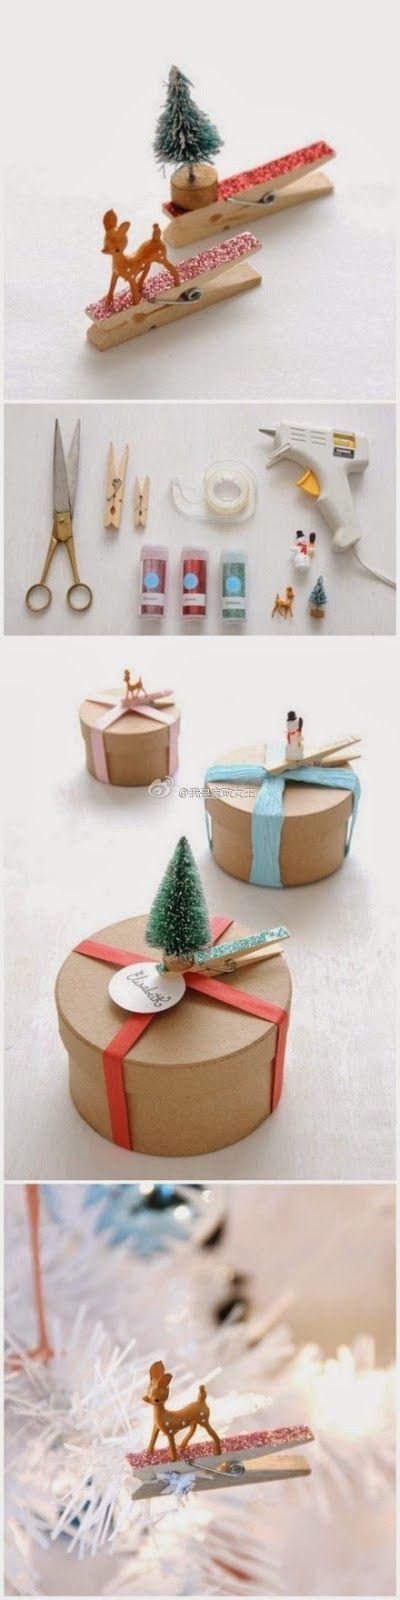 DIY Geschenkeclips für Anhänger oder einfach als Verzierung. So lassen sich Weihnachtsgeschenke schnell pimpen.